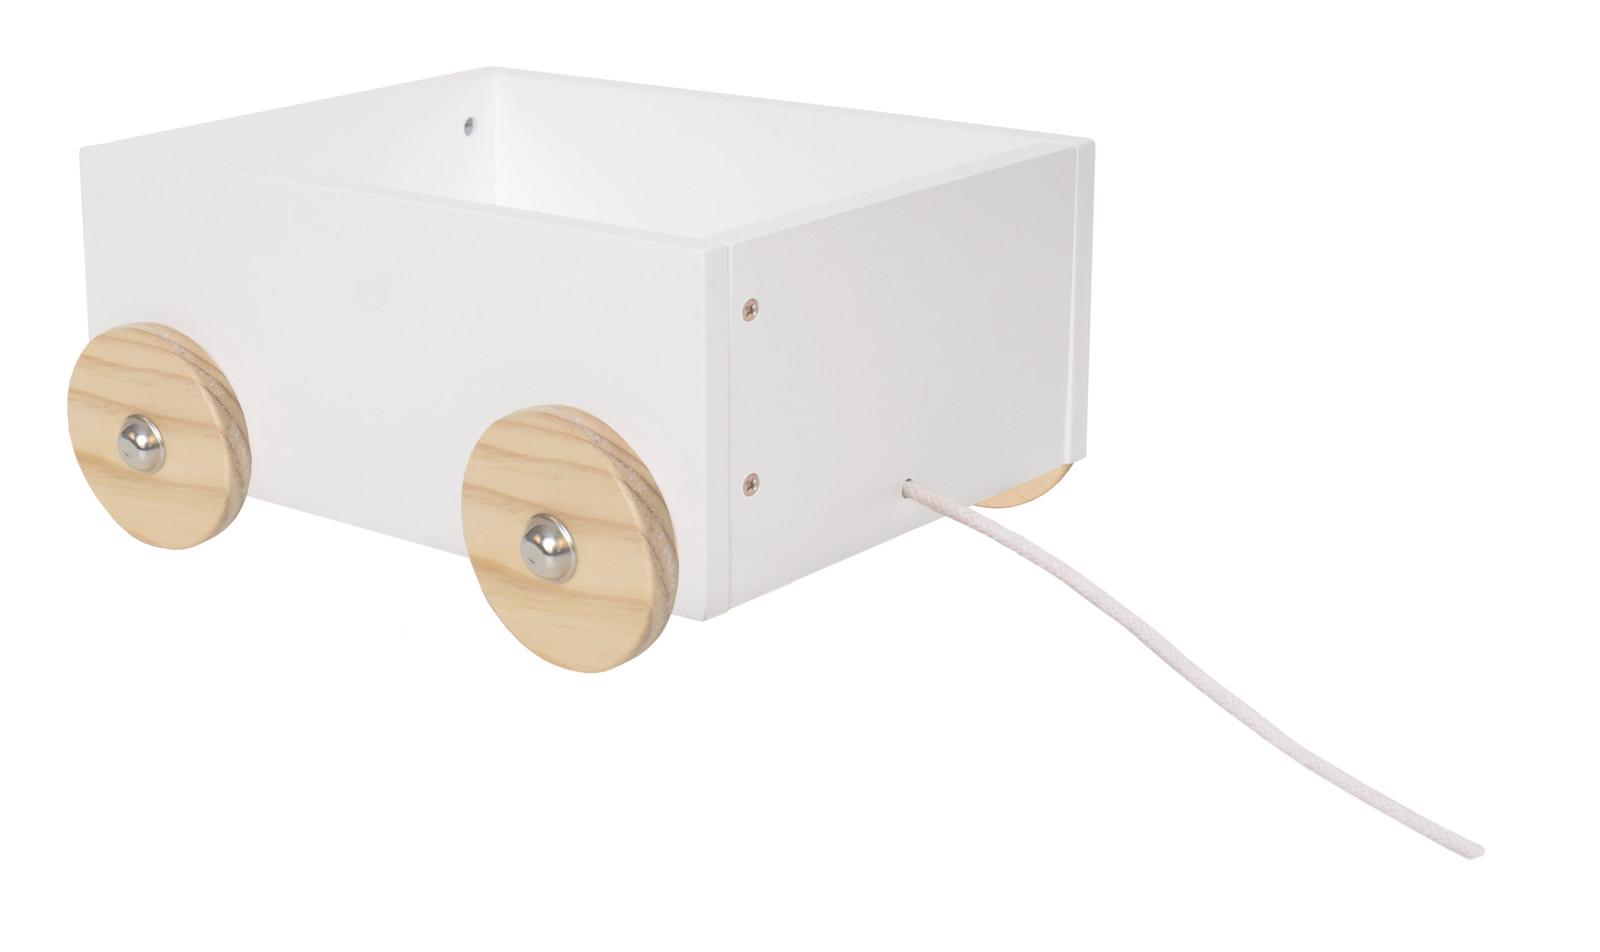 Niedliche weiße Spielzeugkiste mit Räder / mit Kordel zu Hinterherziehen /  Material: Holz / Maße: ca. 27 x 21 x 12,5 cm | steinchenspiel.de